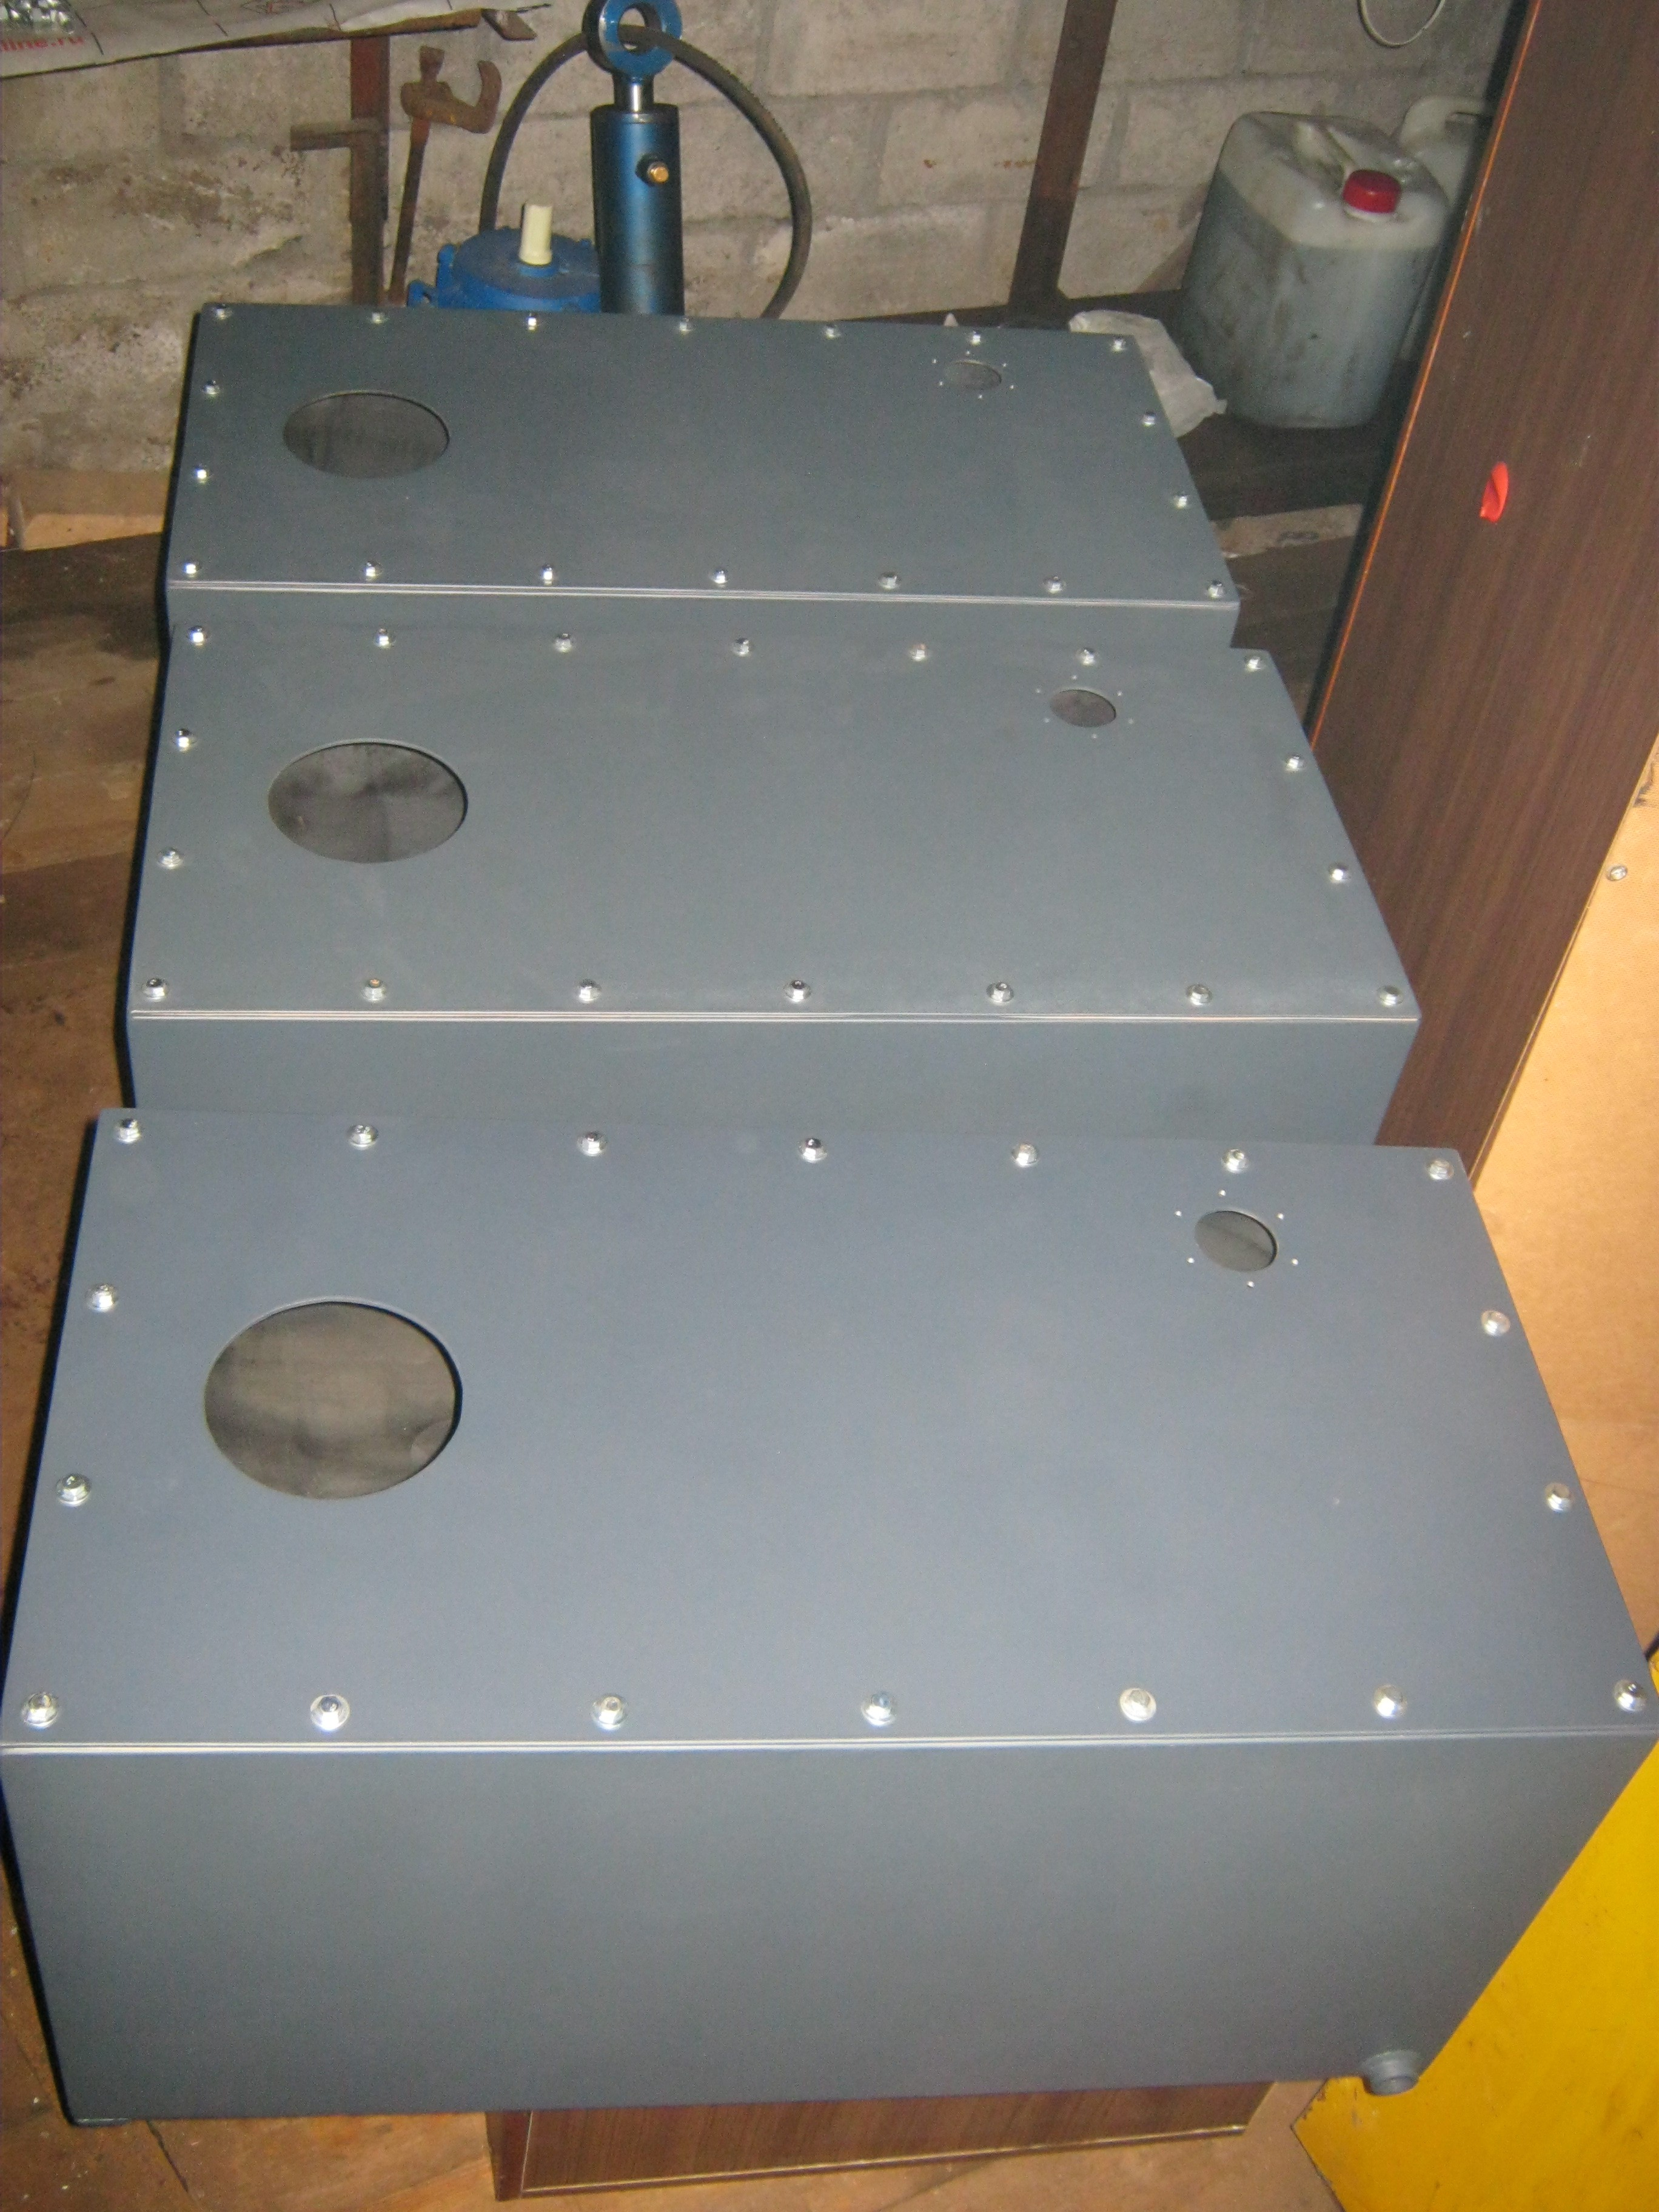 Делаем гидроаккумулятор своими руками с минимальными затратами на материалы